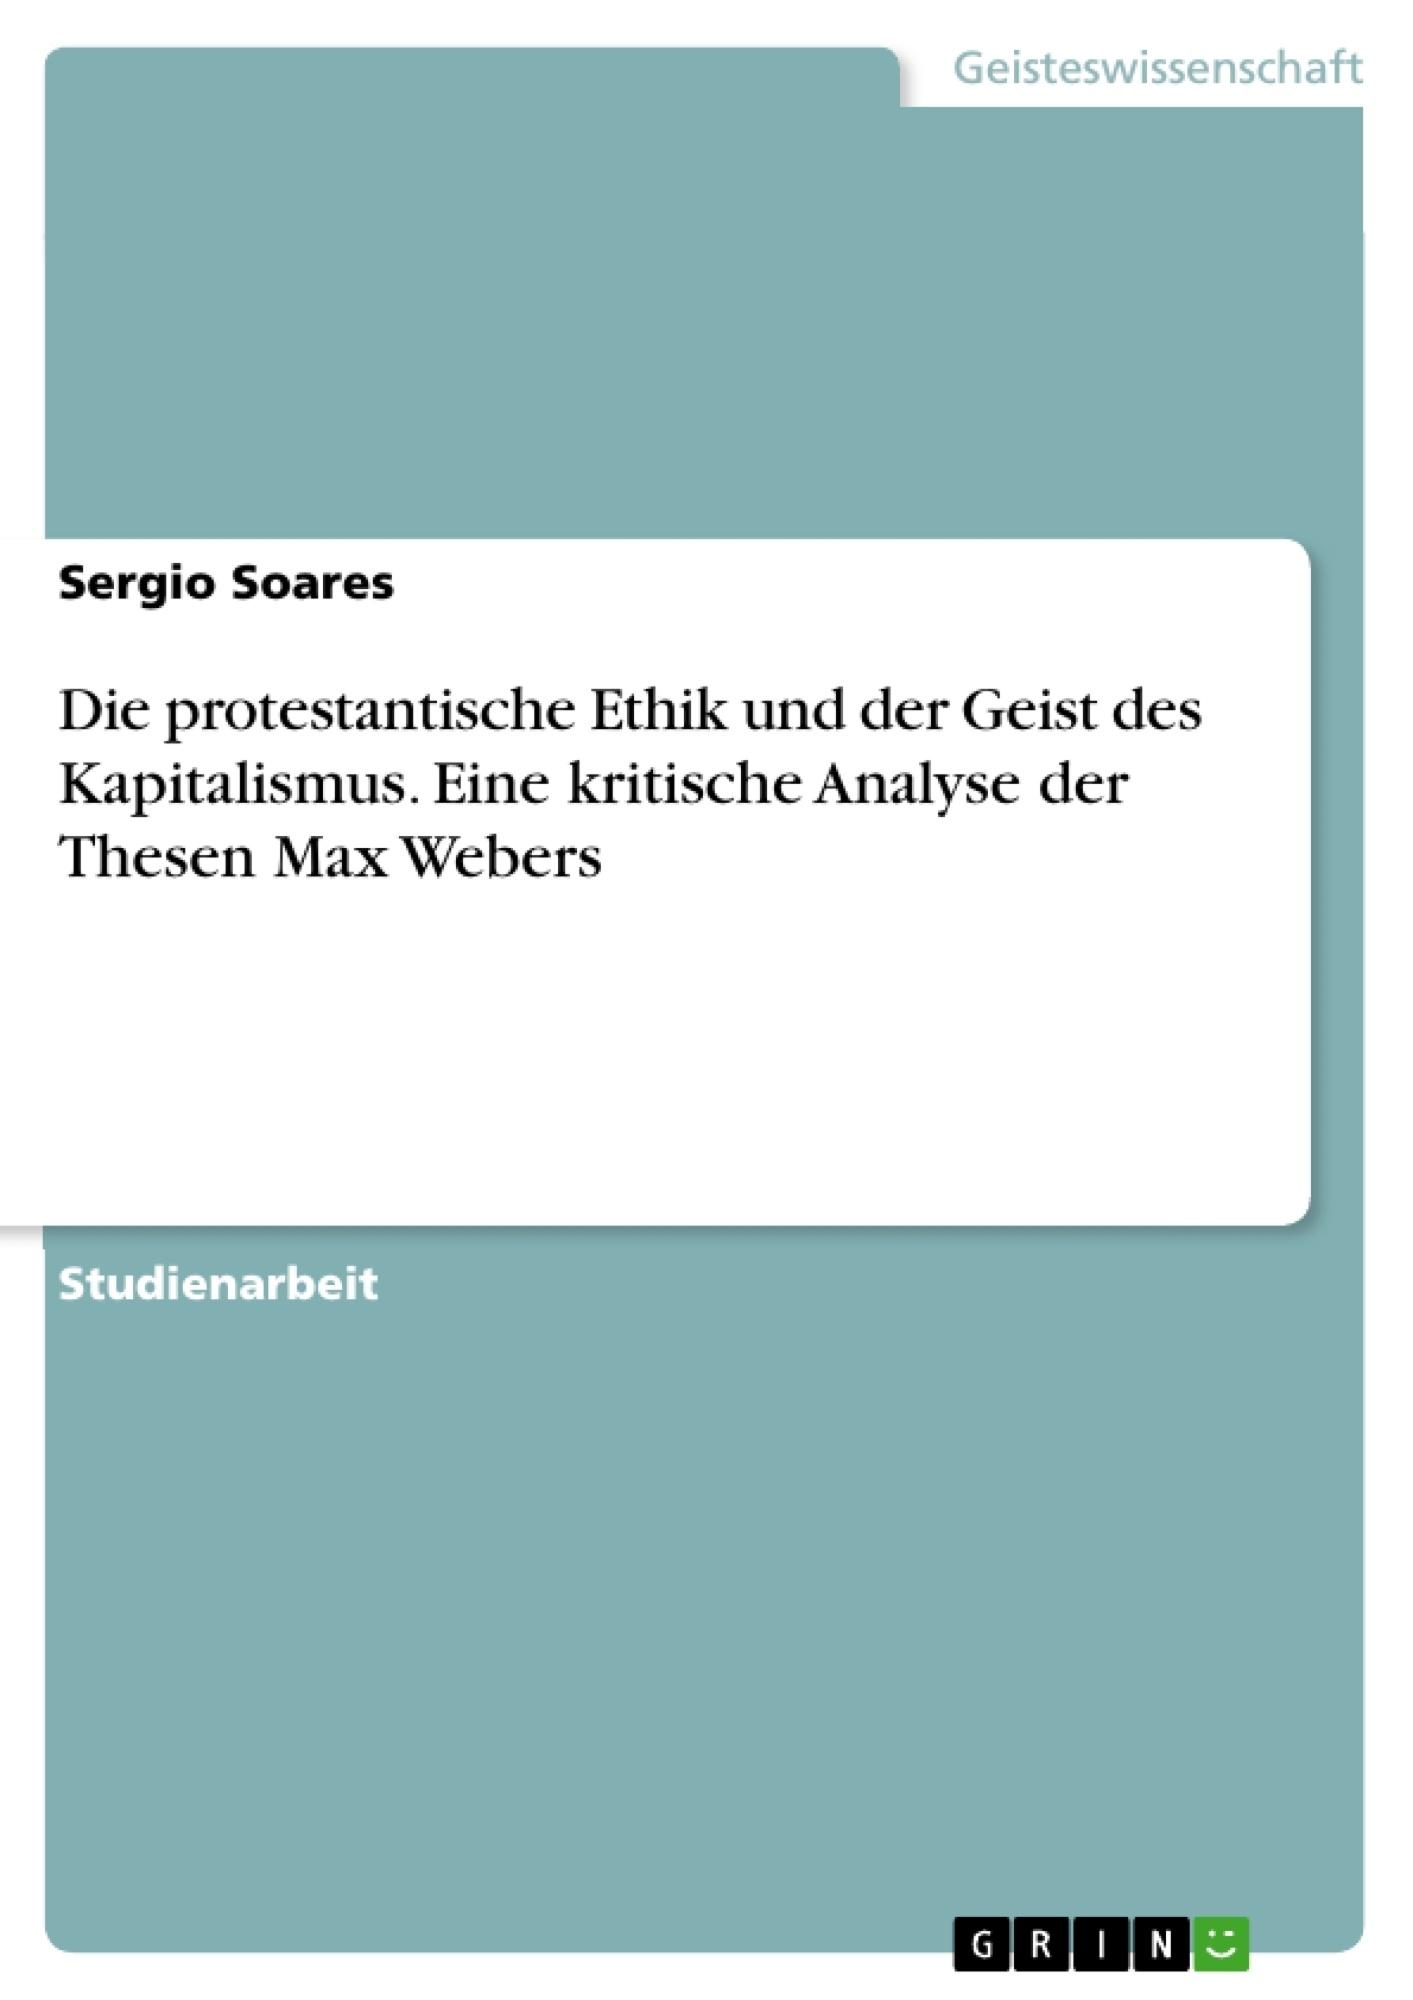 Titel: Die protestantische Ethik und der Geist des Kapitalismus. Eine kritische Analyse der Thesen Max Webers